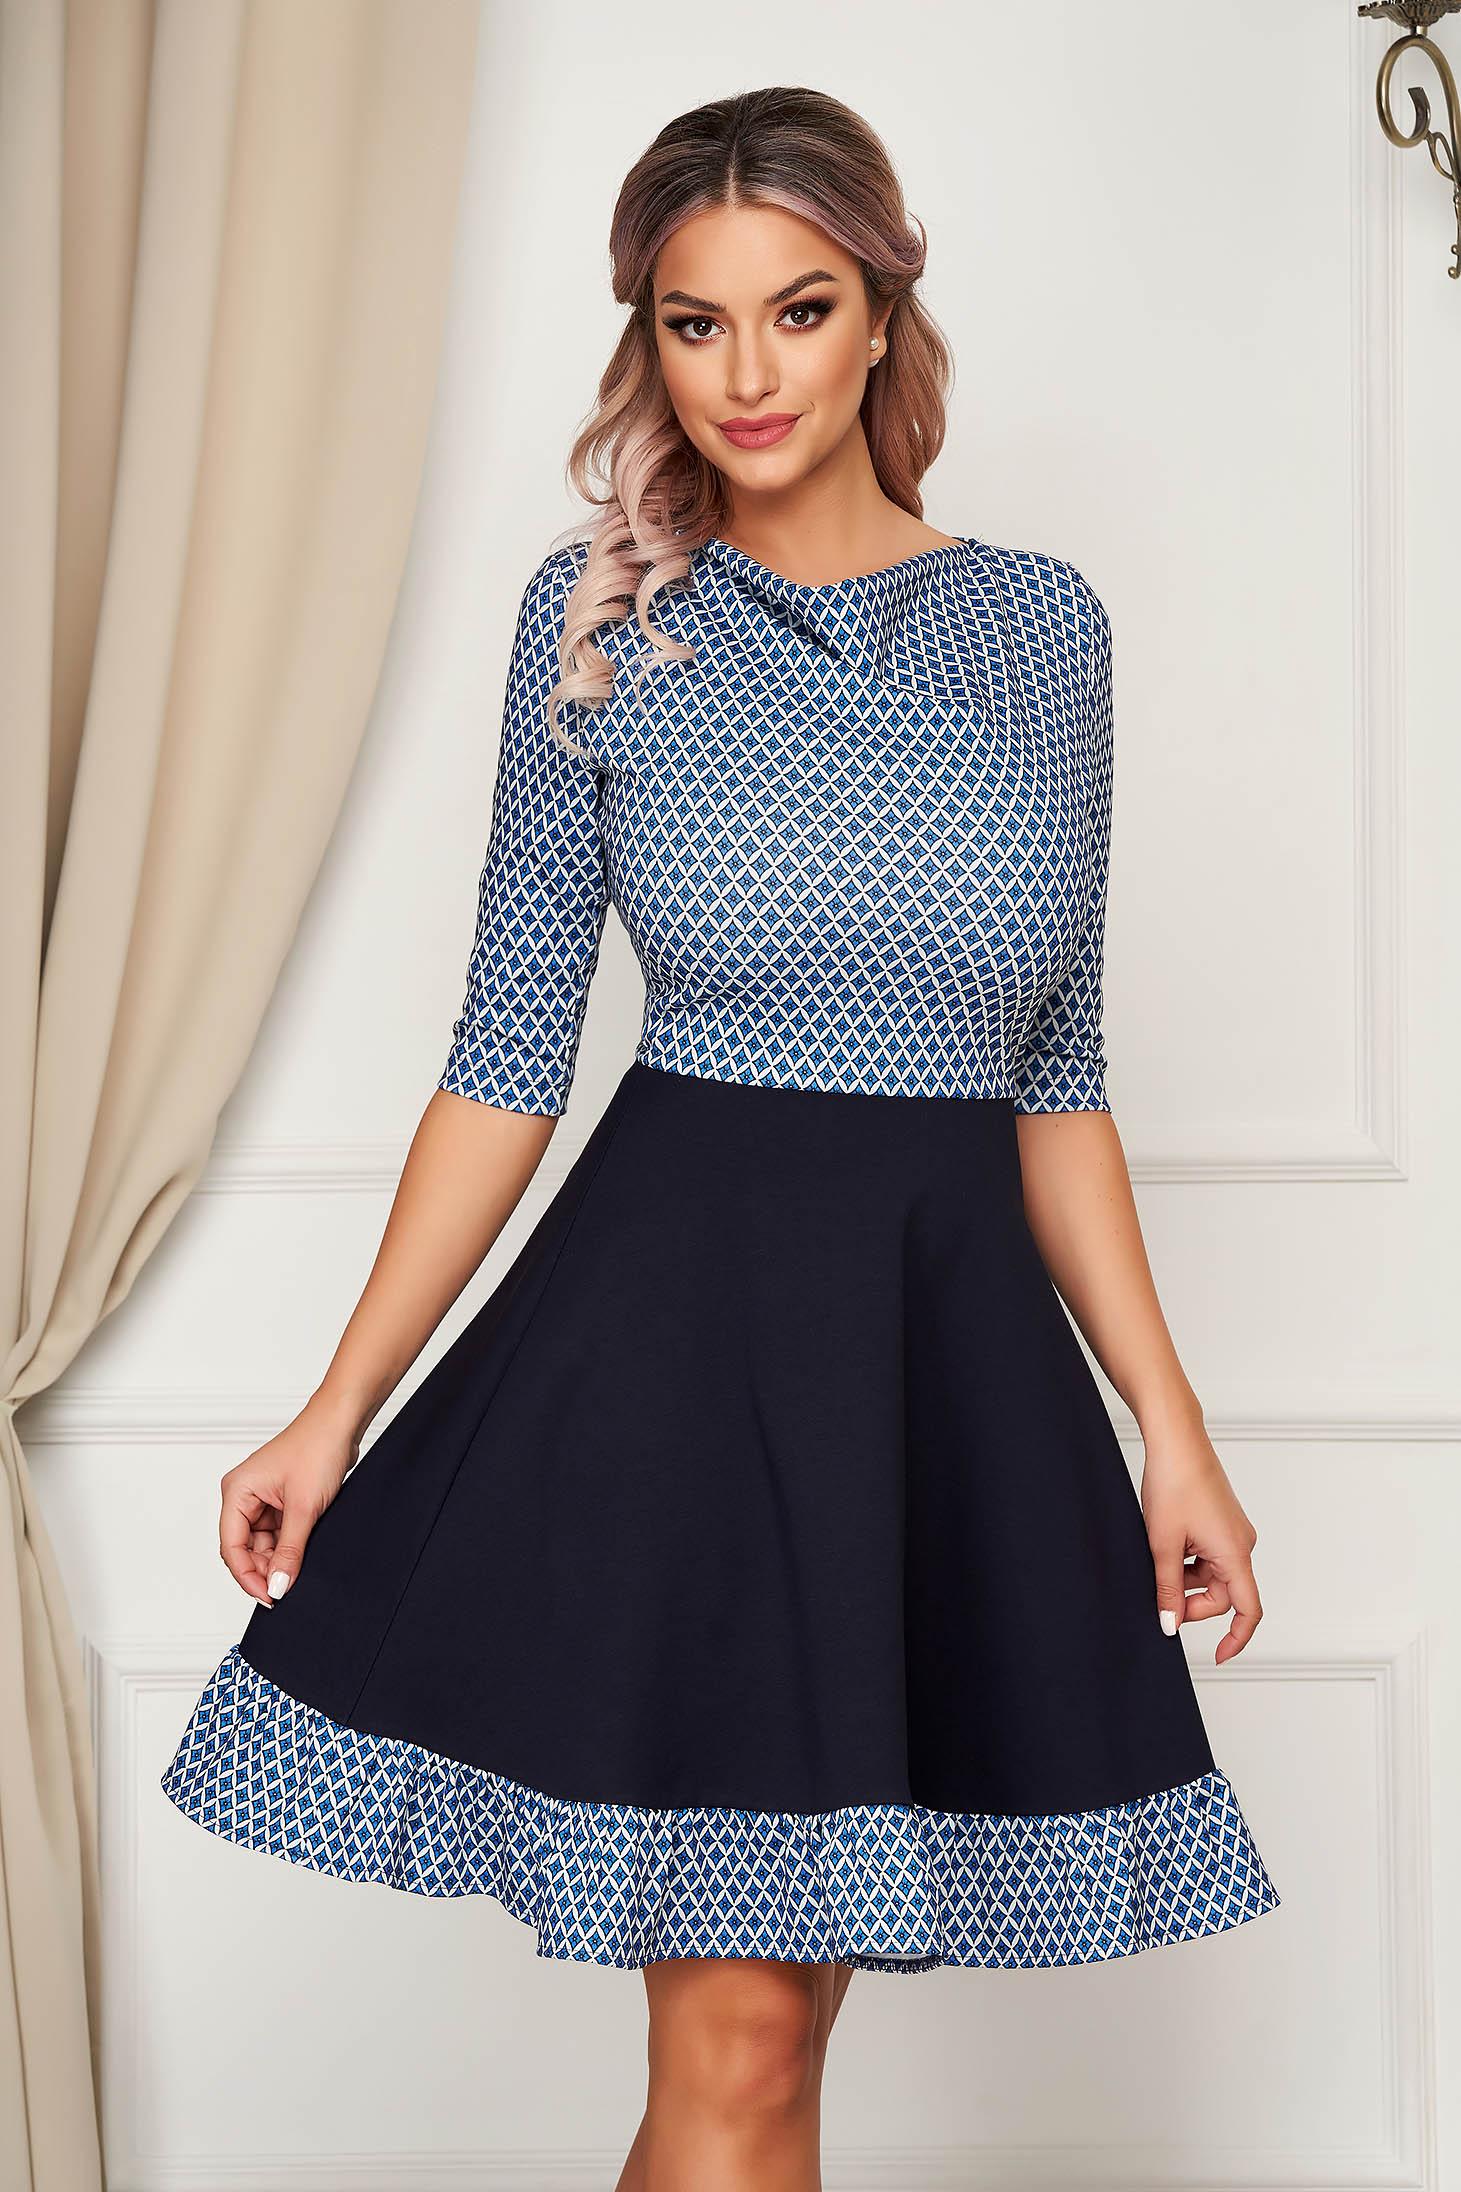 Rochie StarShinerS eleganta scurta in clos din stofa cu volanase la baza rochiei